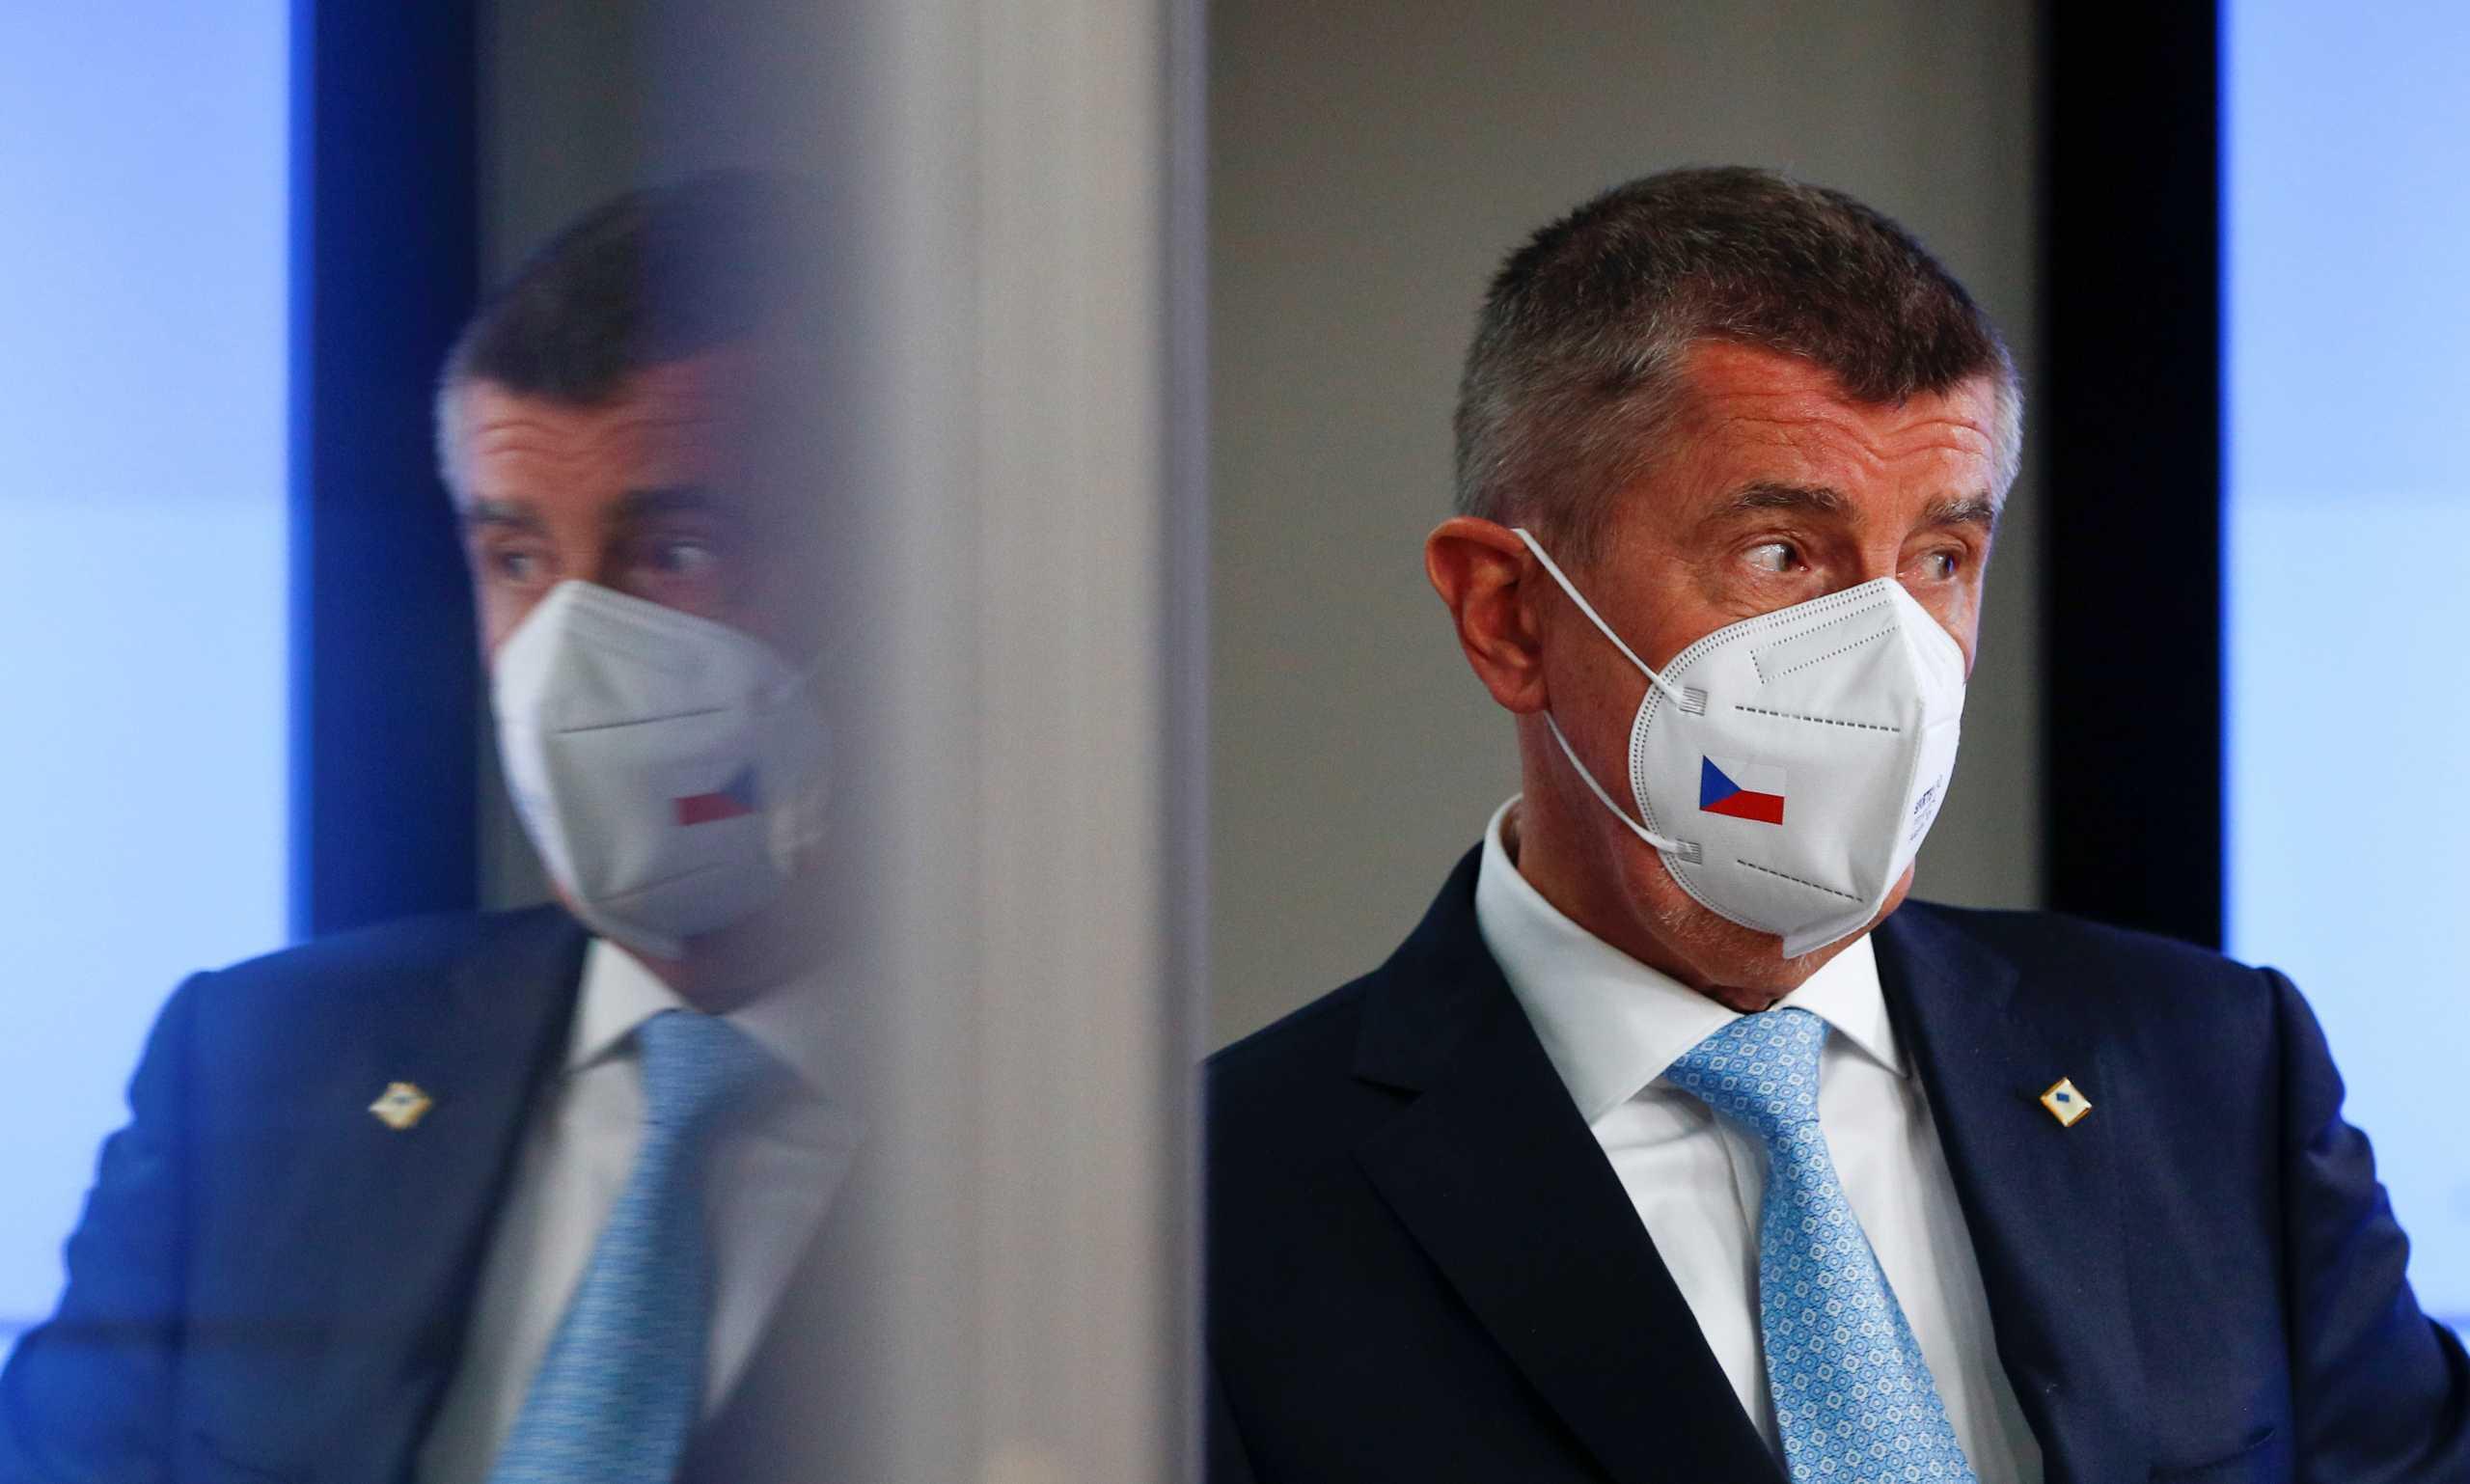 Τσεχία: Η αστυνομία ζητά να ασκηθεί δίωξη κατά του πρωθυπουργού για απάτη